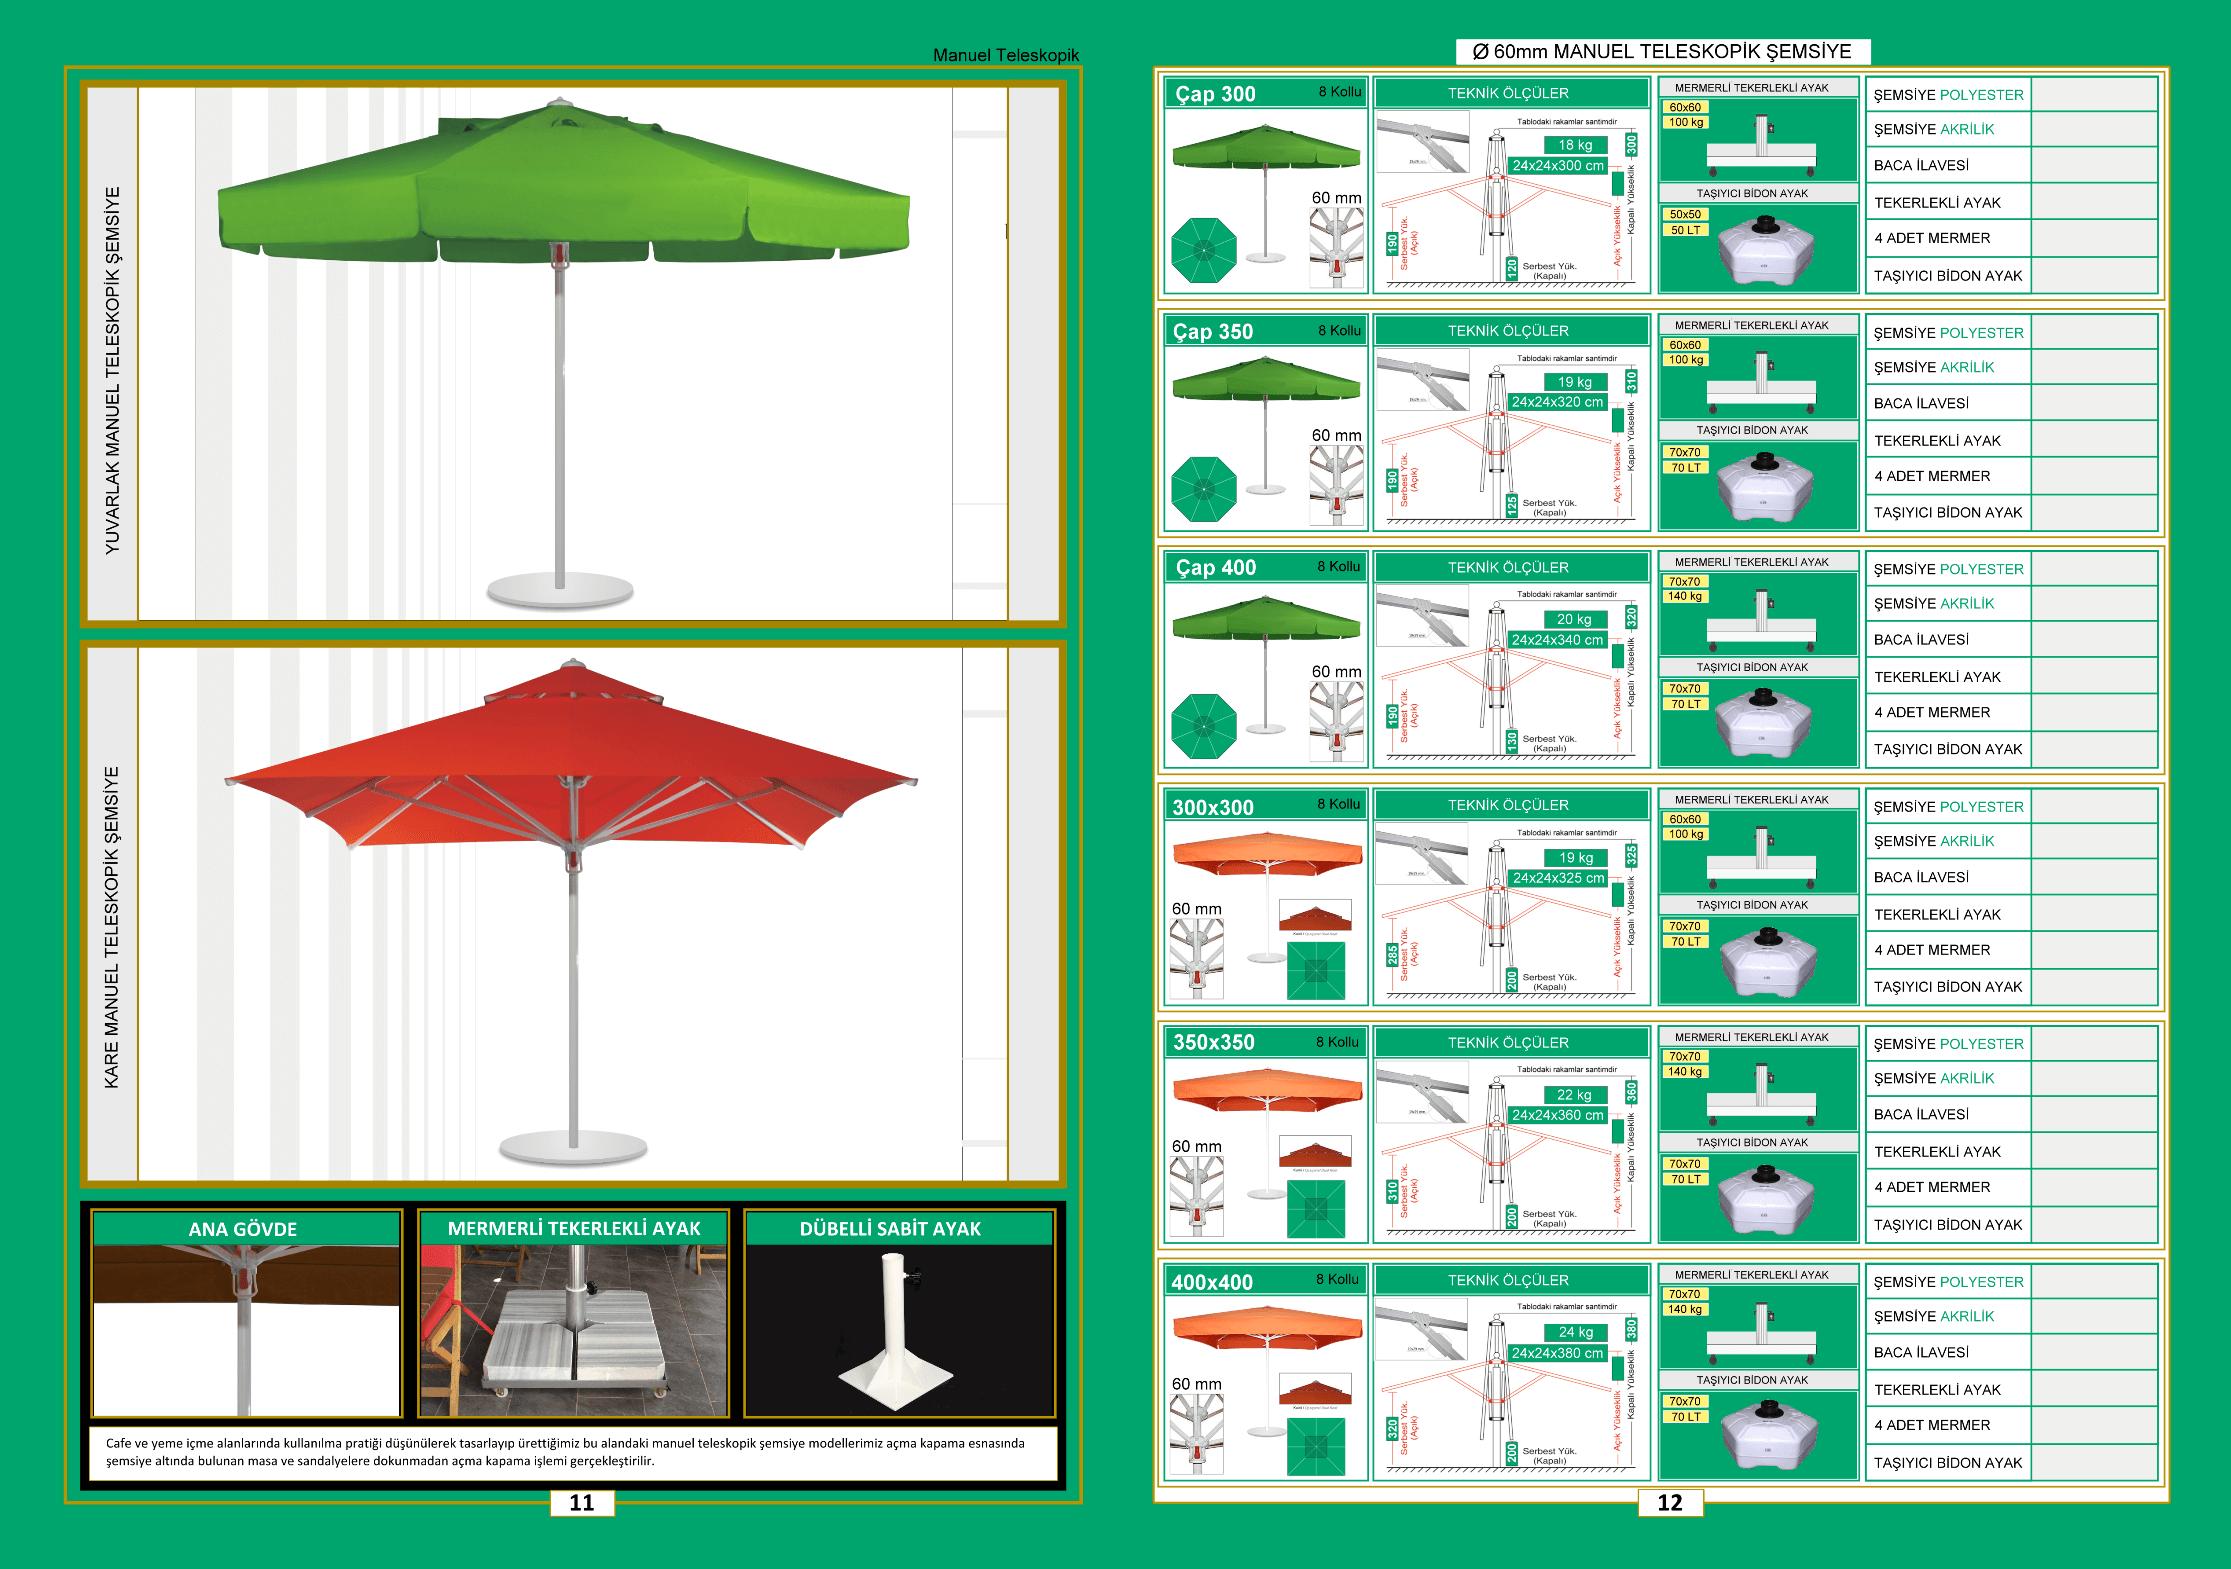 60 mm mauel teleskopik şemsiye